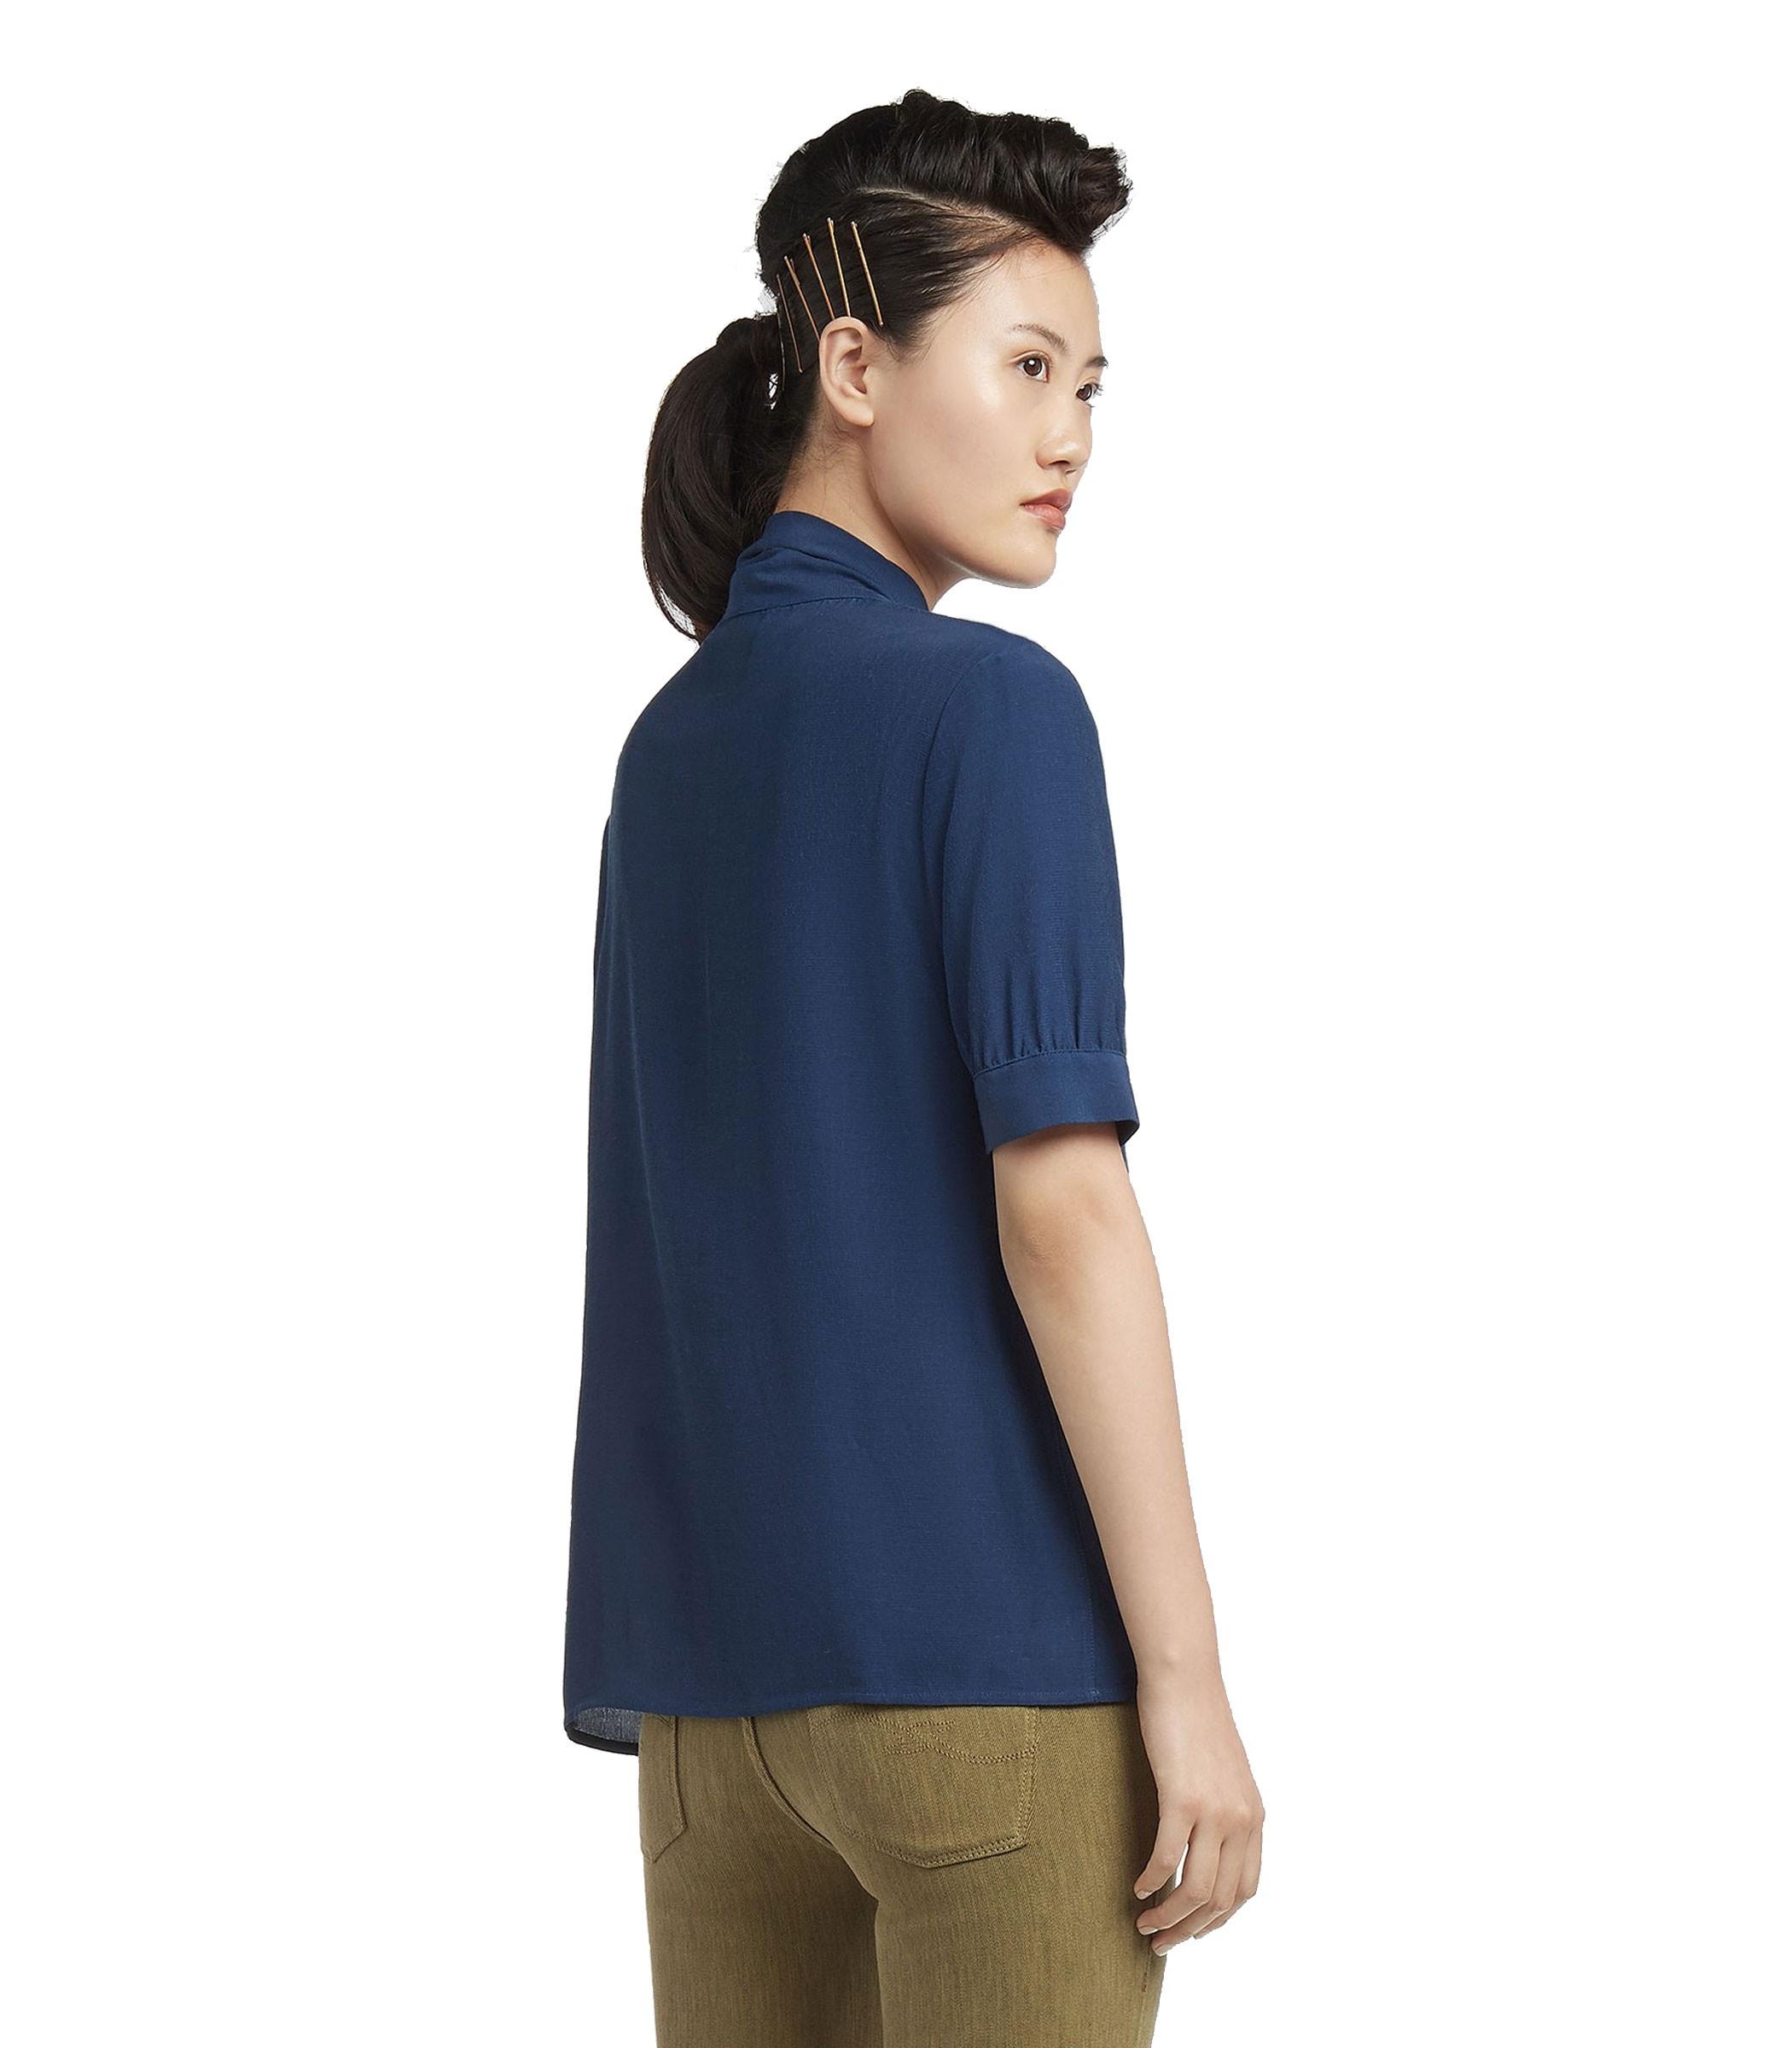 69cd2bae62 Camicia Blusa TRUSSARDI con fiocco da donna rif. 56C00150-1T001504